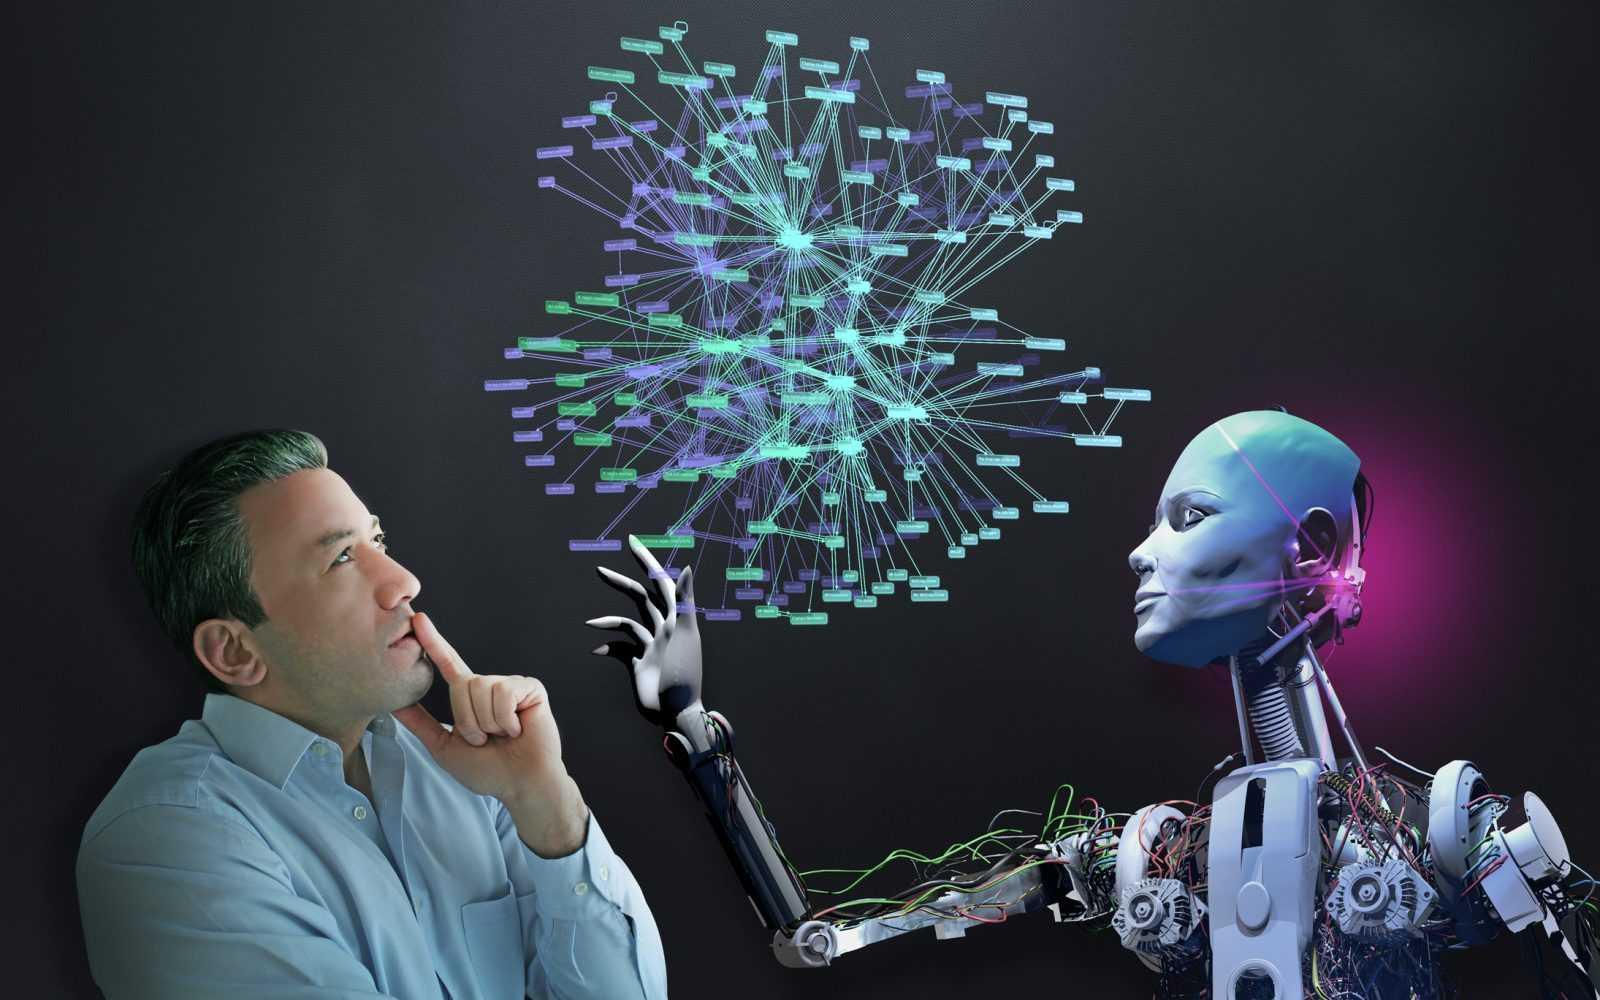 Контент к уроку будет подбирать искусственный интеллект